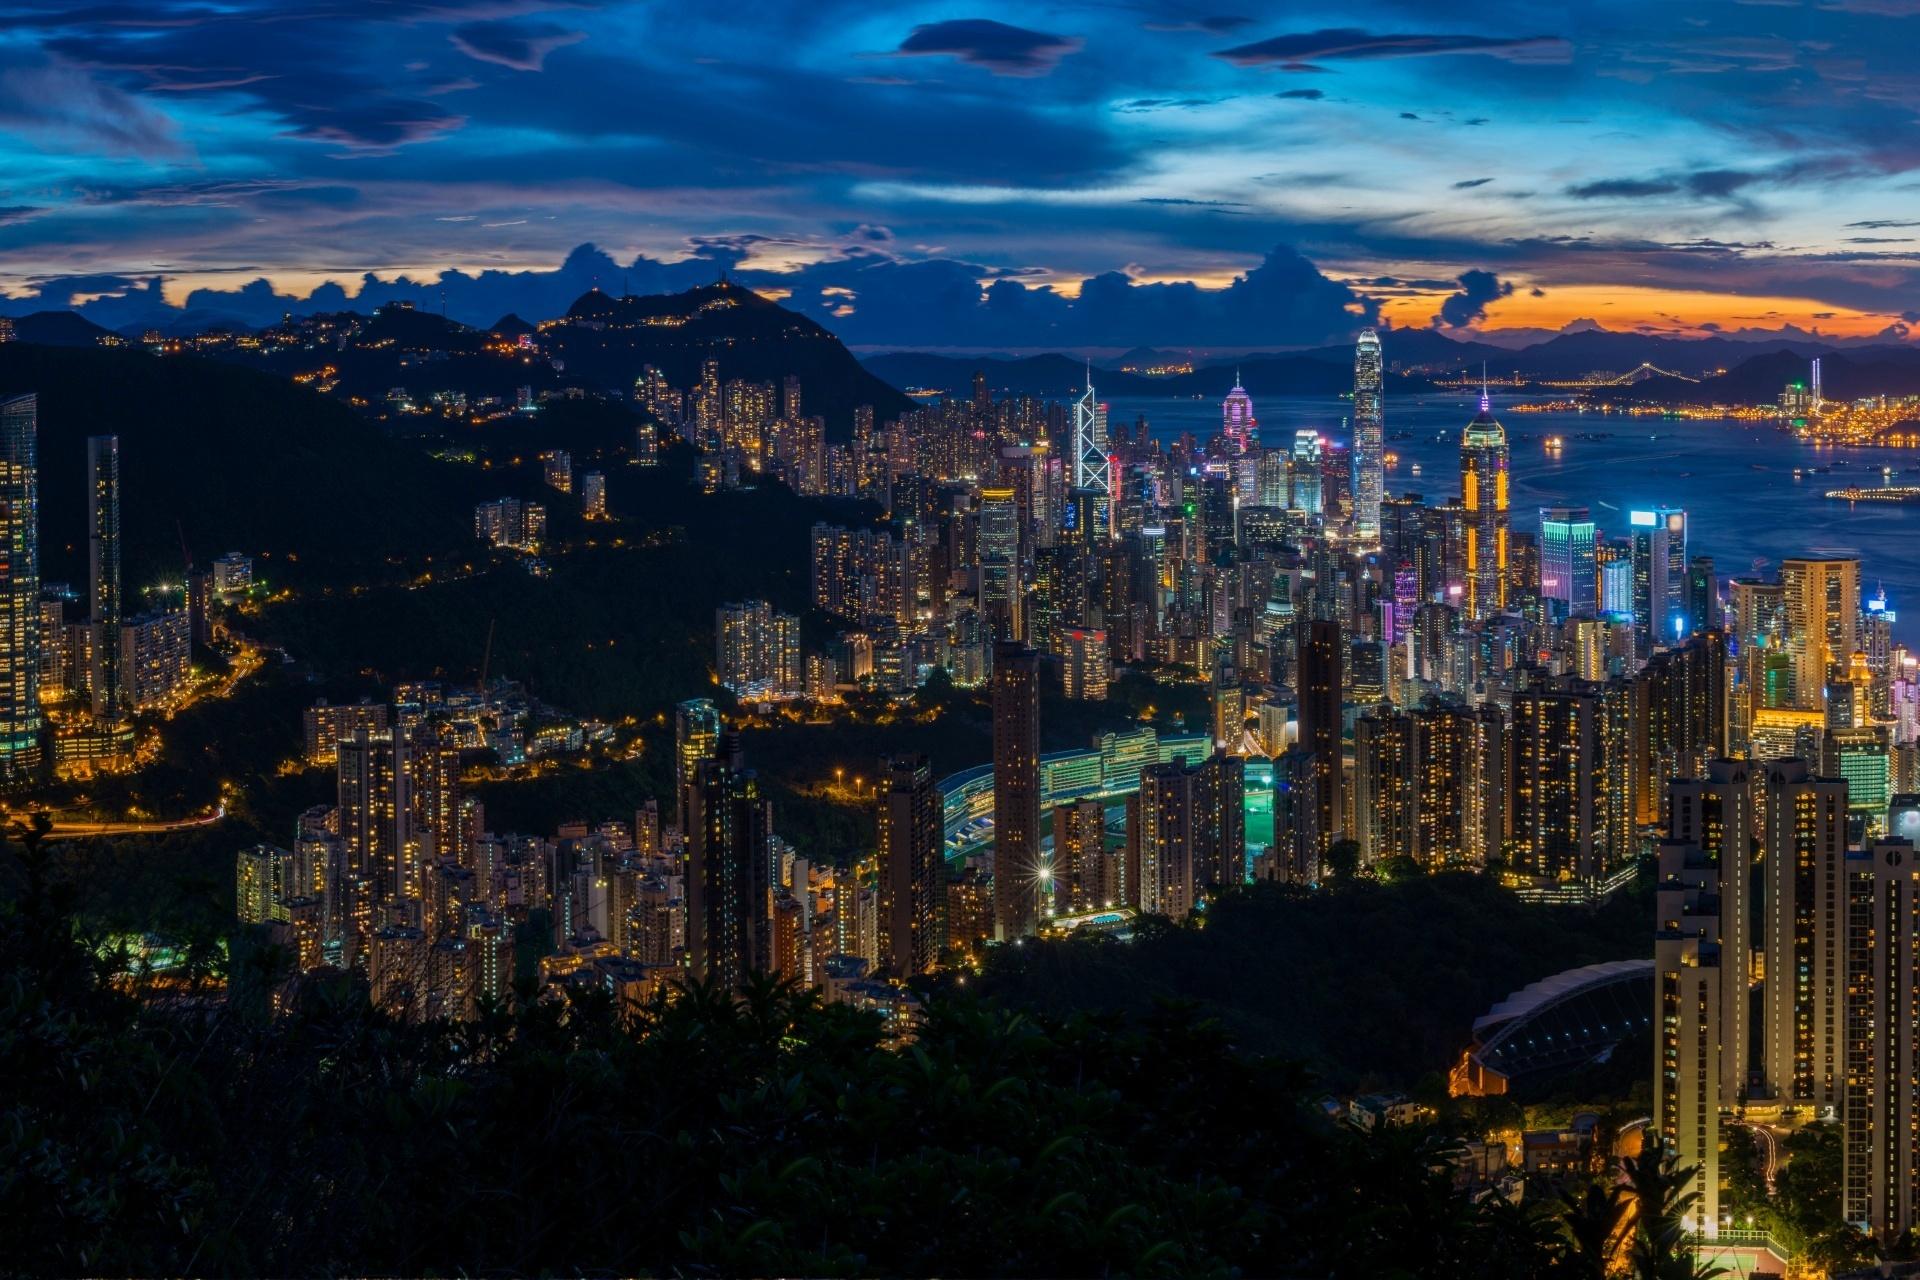 夕暮れの香港のパノラマ風景